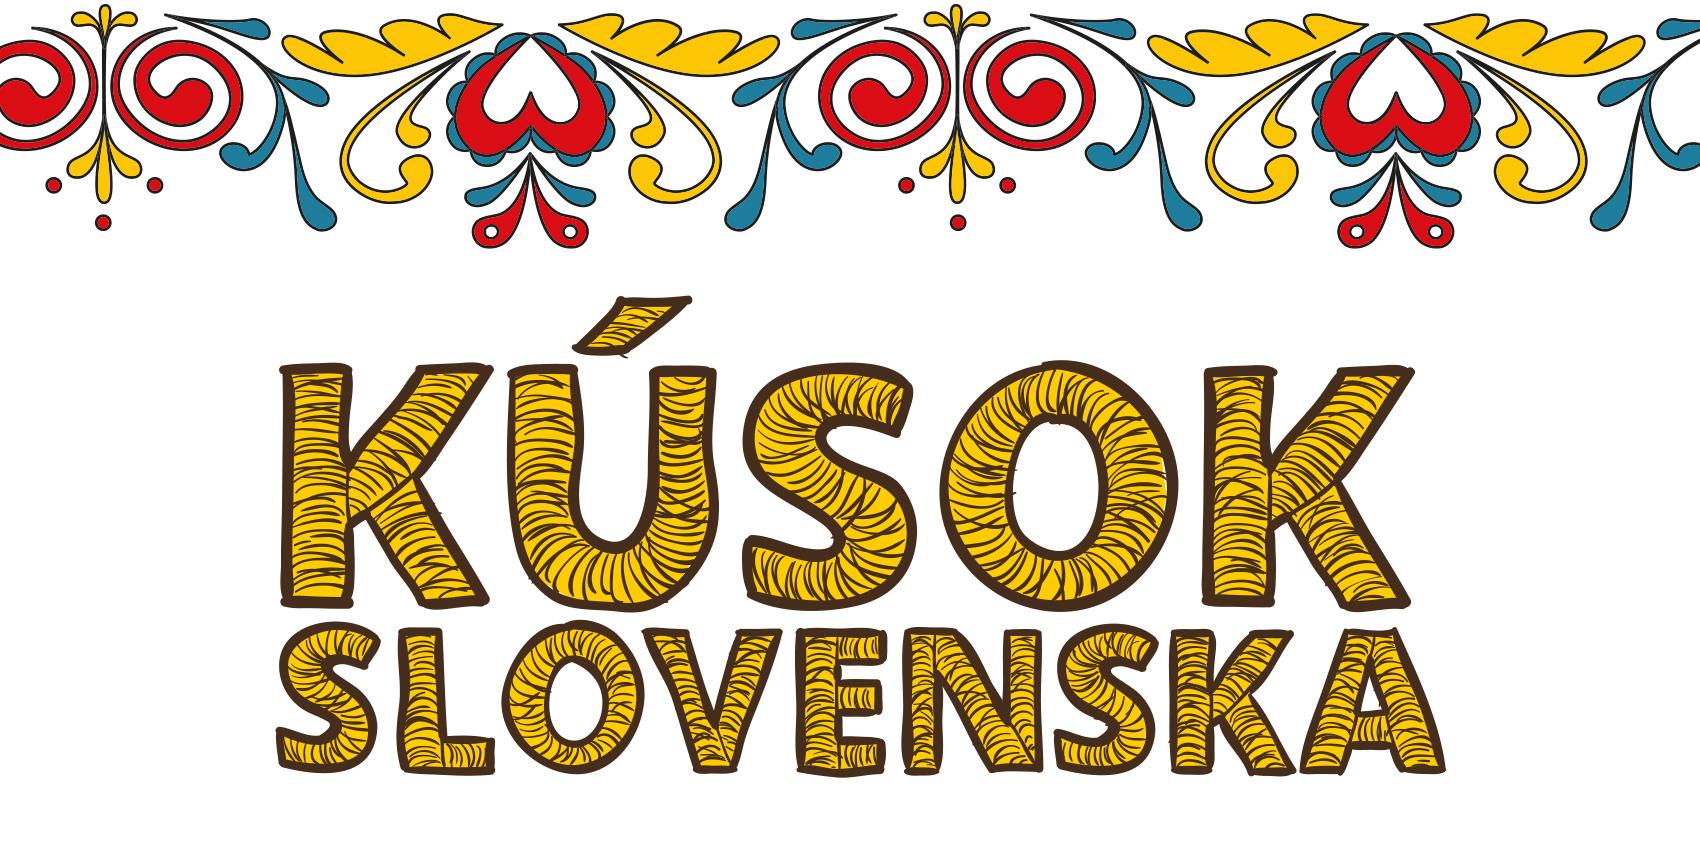 kusok-slovenska-web